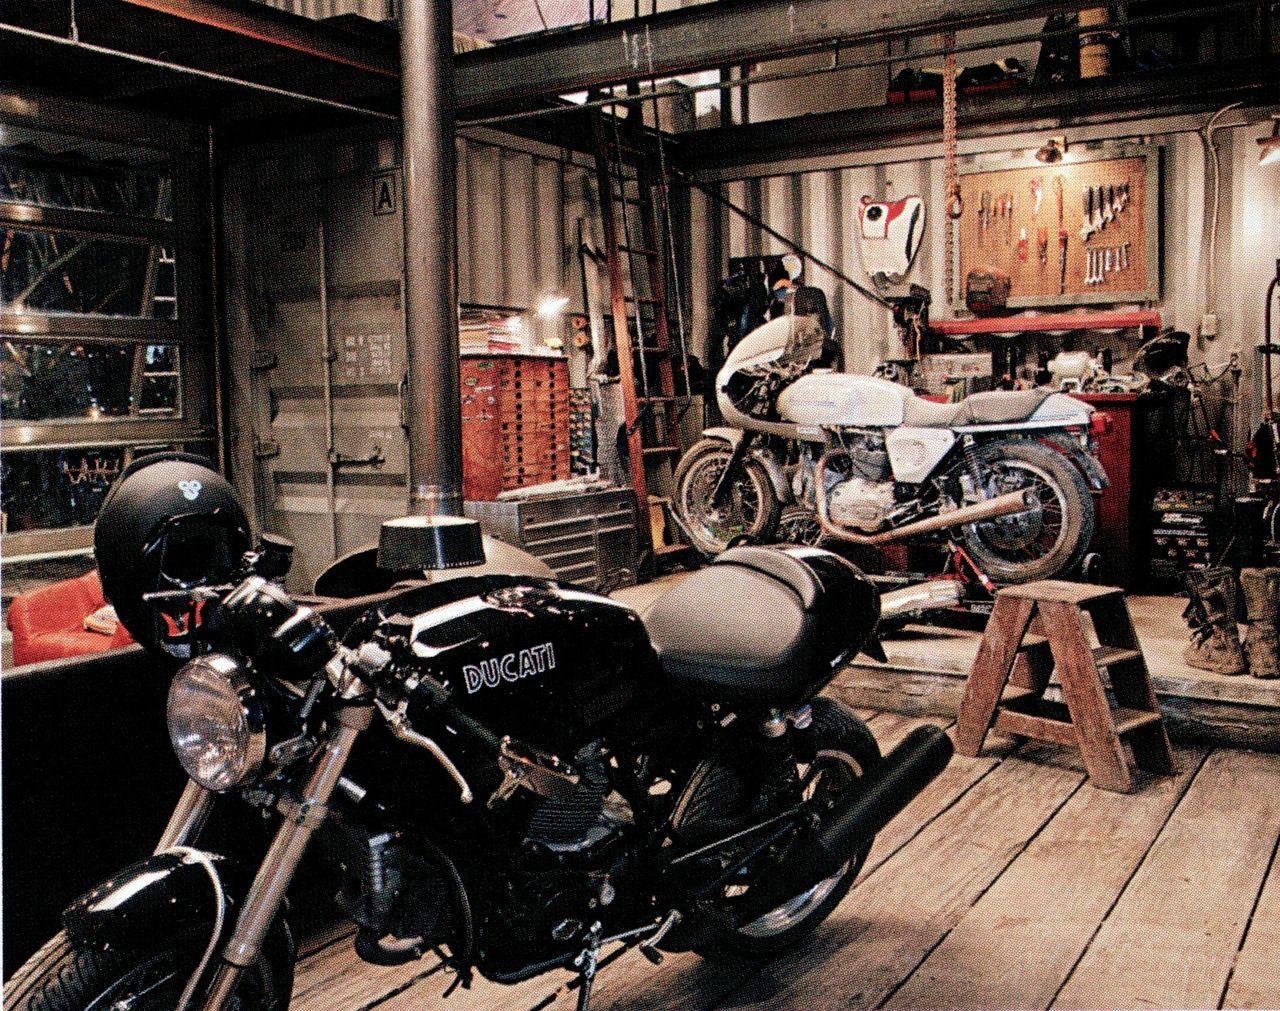 Dream home | Motorcycle garage, Motorcycle workshop, Motorcycle